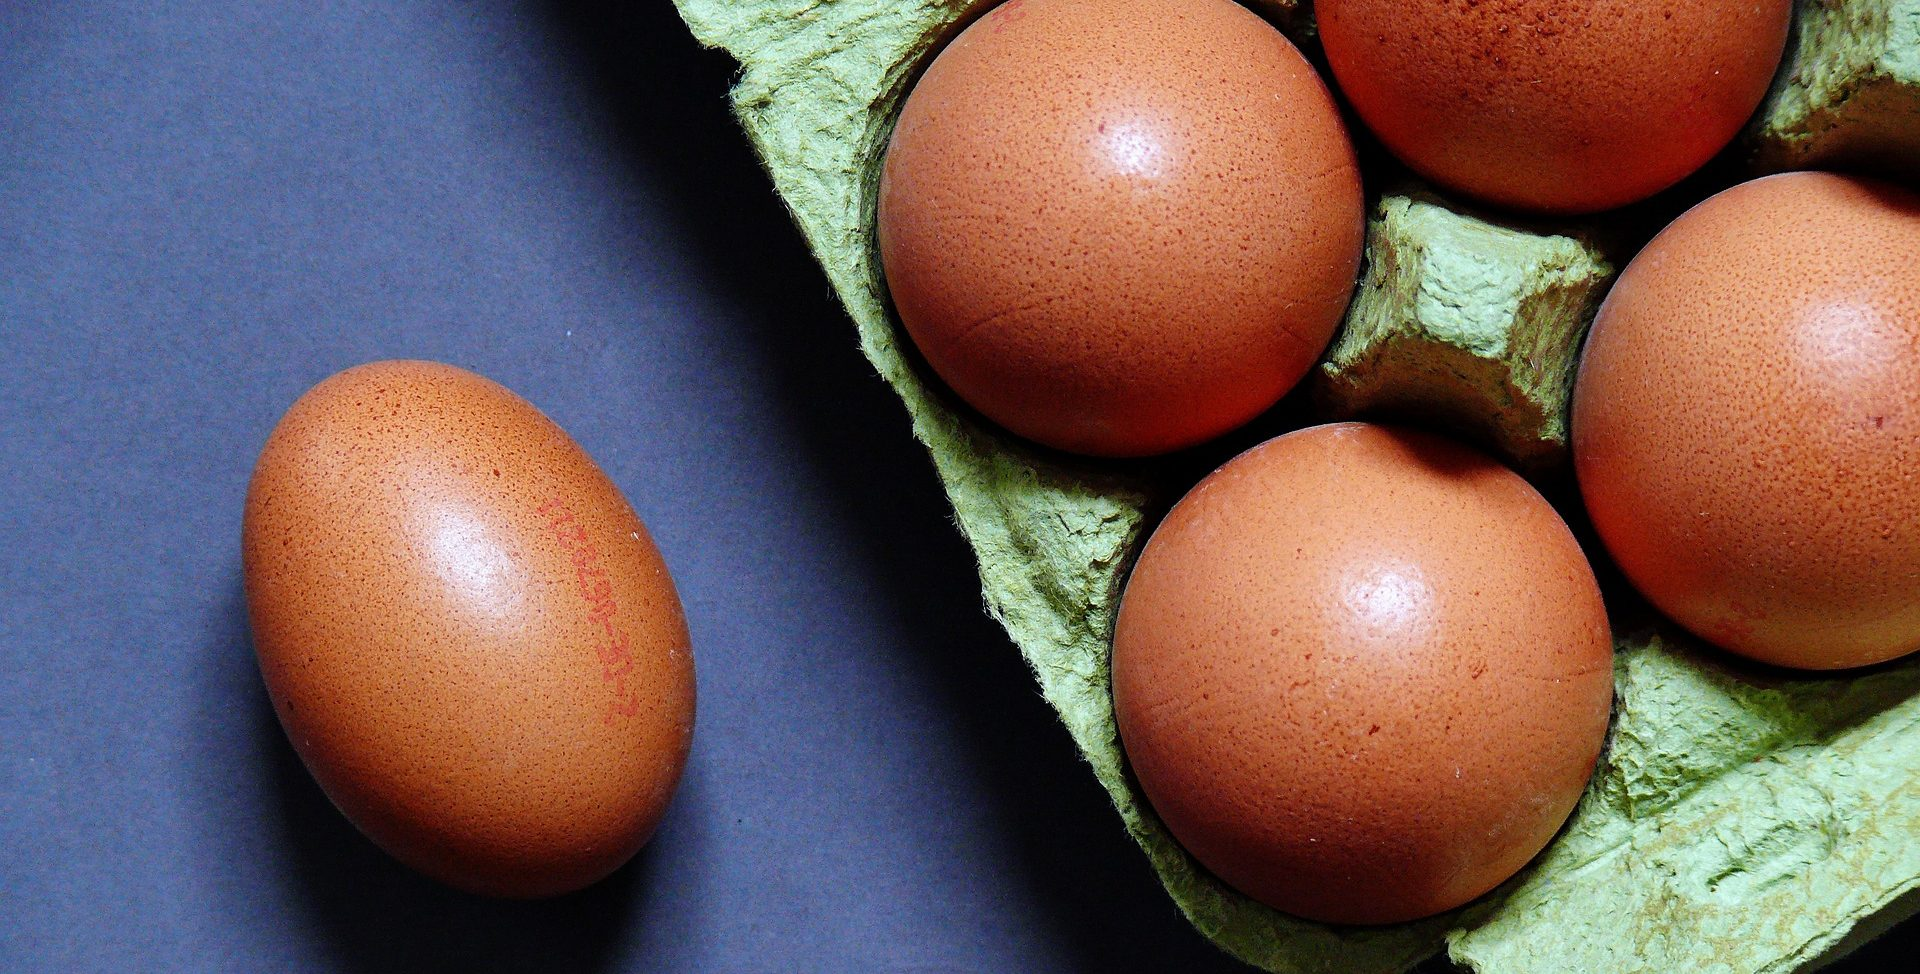 la-importancia-conocer-la-vida-util-los-alimentos